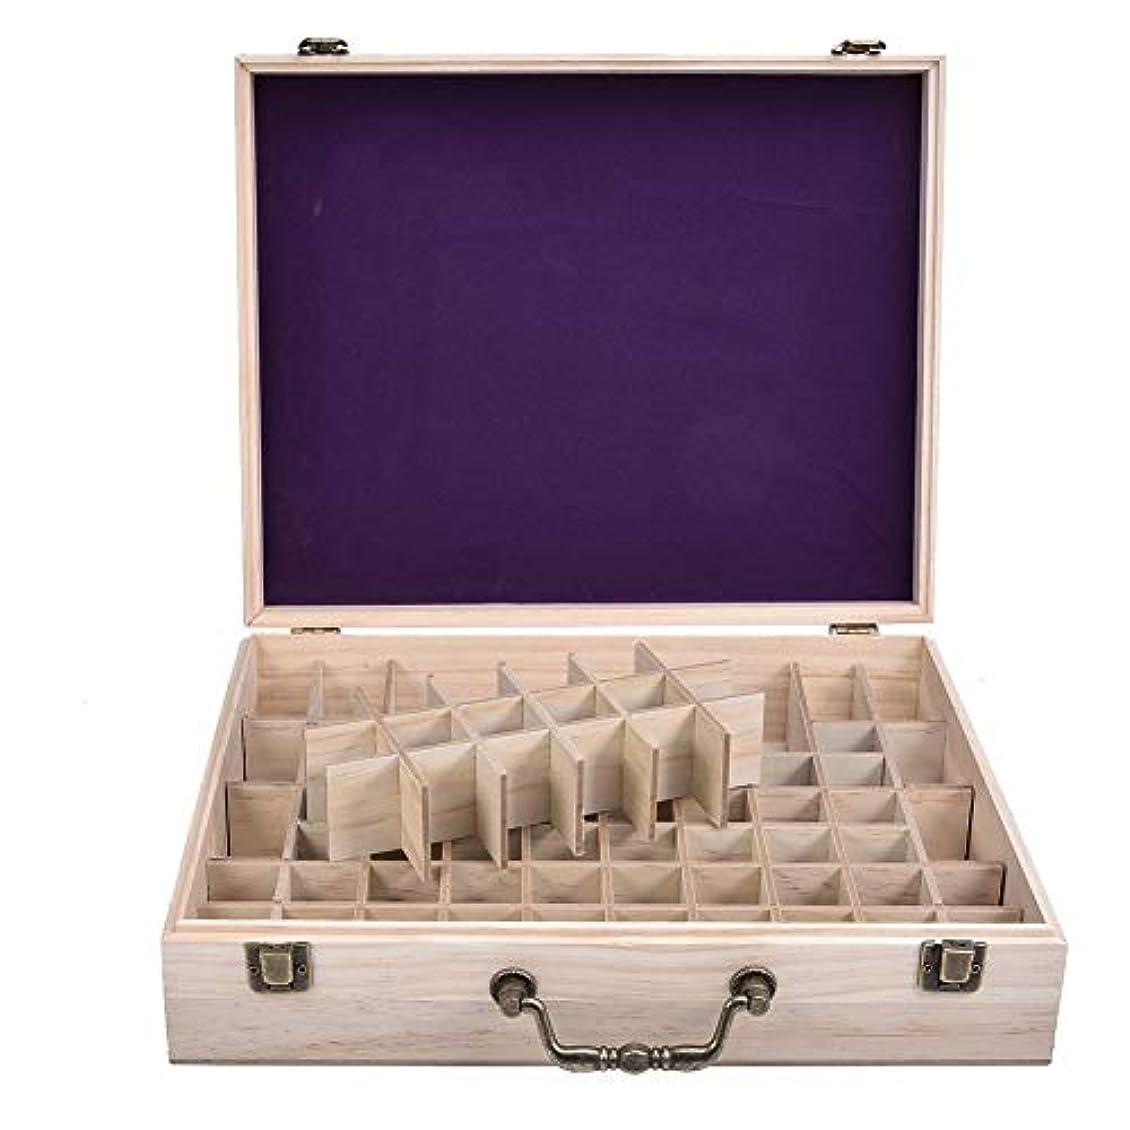 もっと与える独立したエッセンシャルオイル収納ケース 精油収納ボックス 木製 72本収納可能 大容量 取り外し可能なグリッド 5ml?10ml?15ml?115mlの精油ボルトに対応 junexi